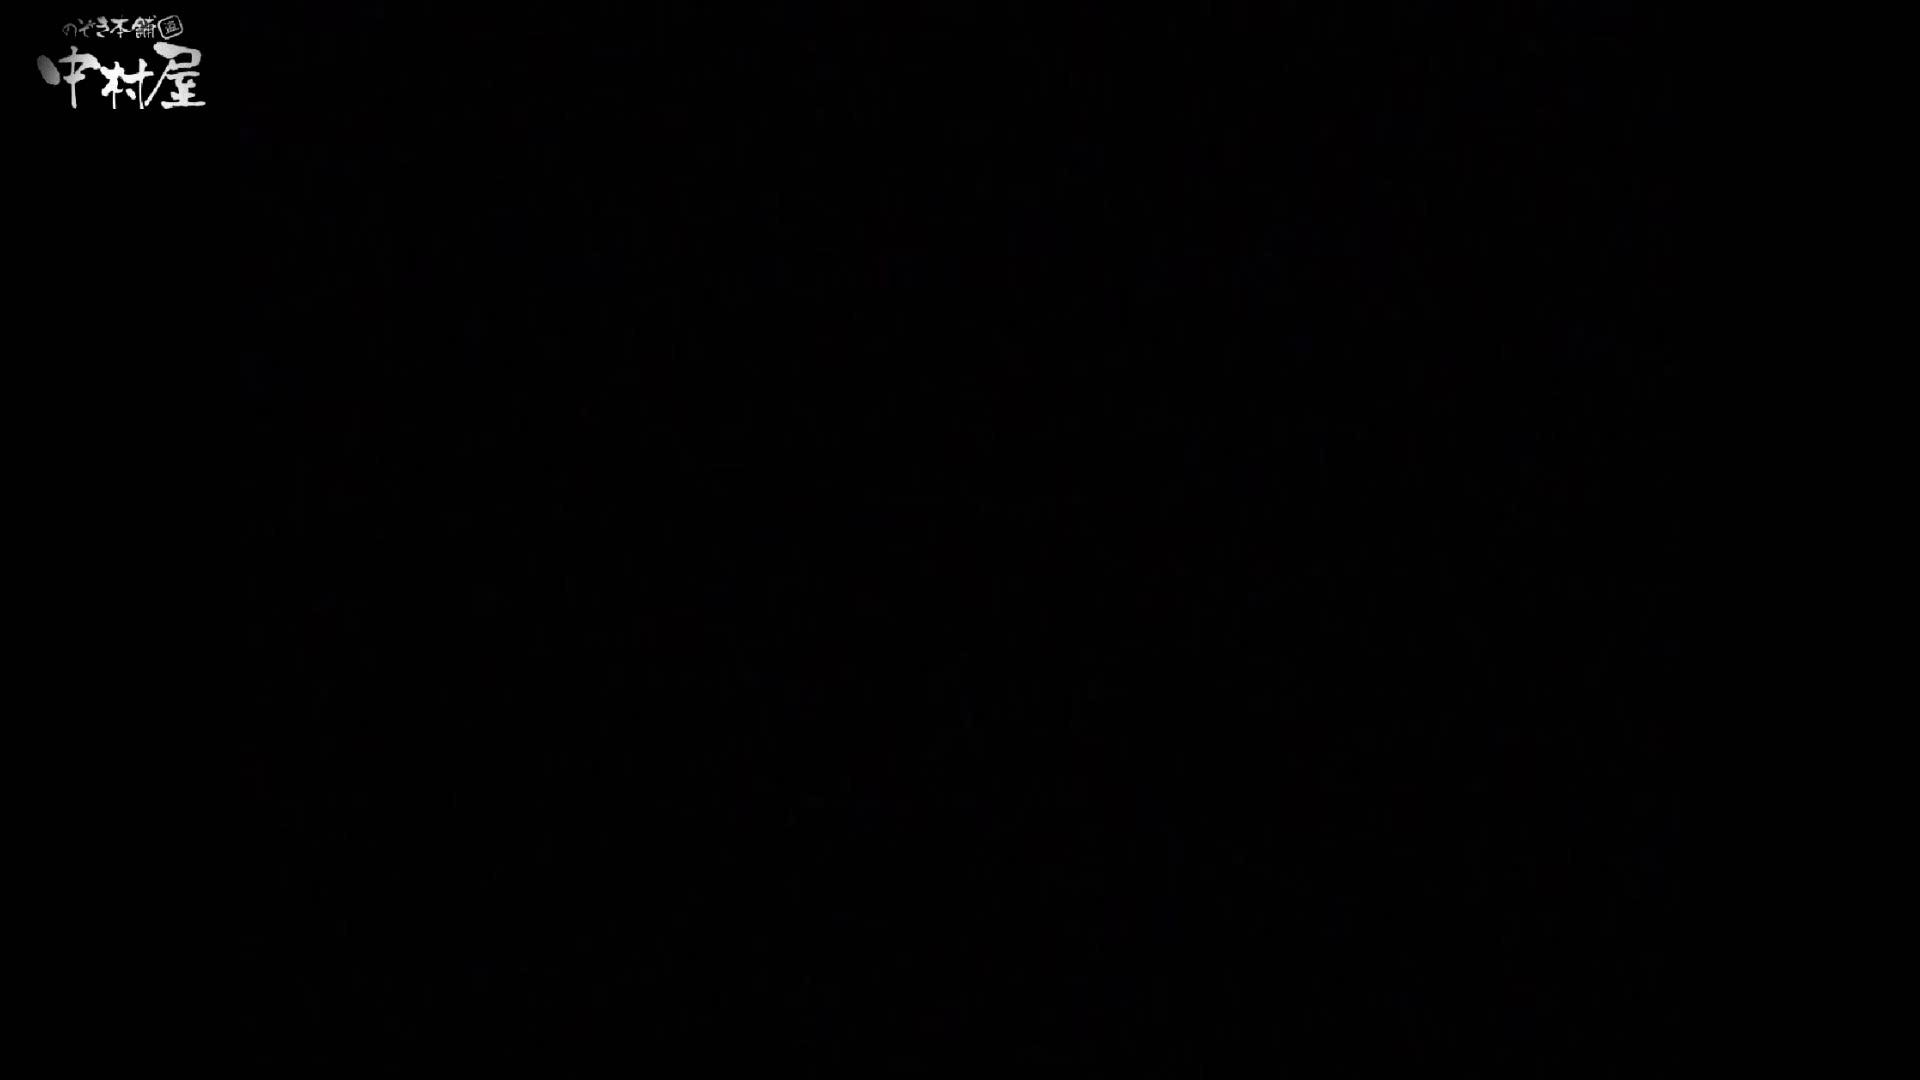 民家風呂専門盗撮師の超危険映像 vol.016 民家 盗撮動画紹介 86枚 22